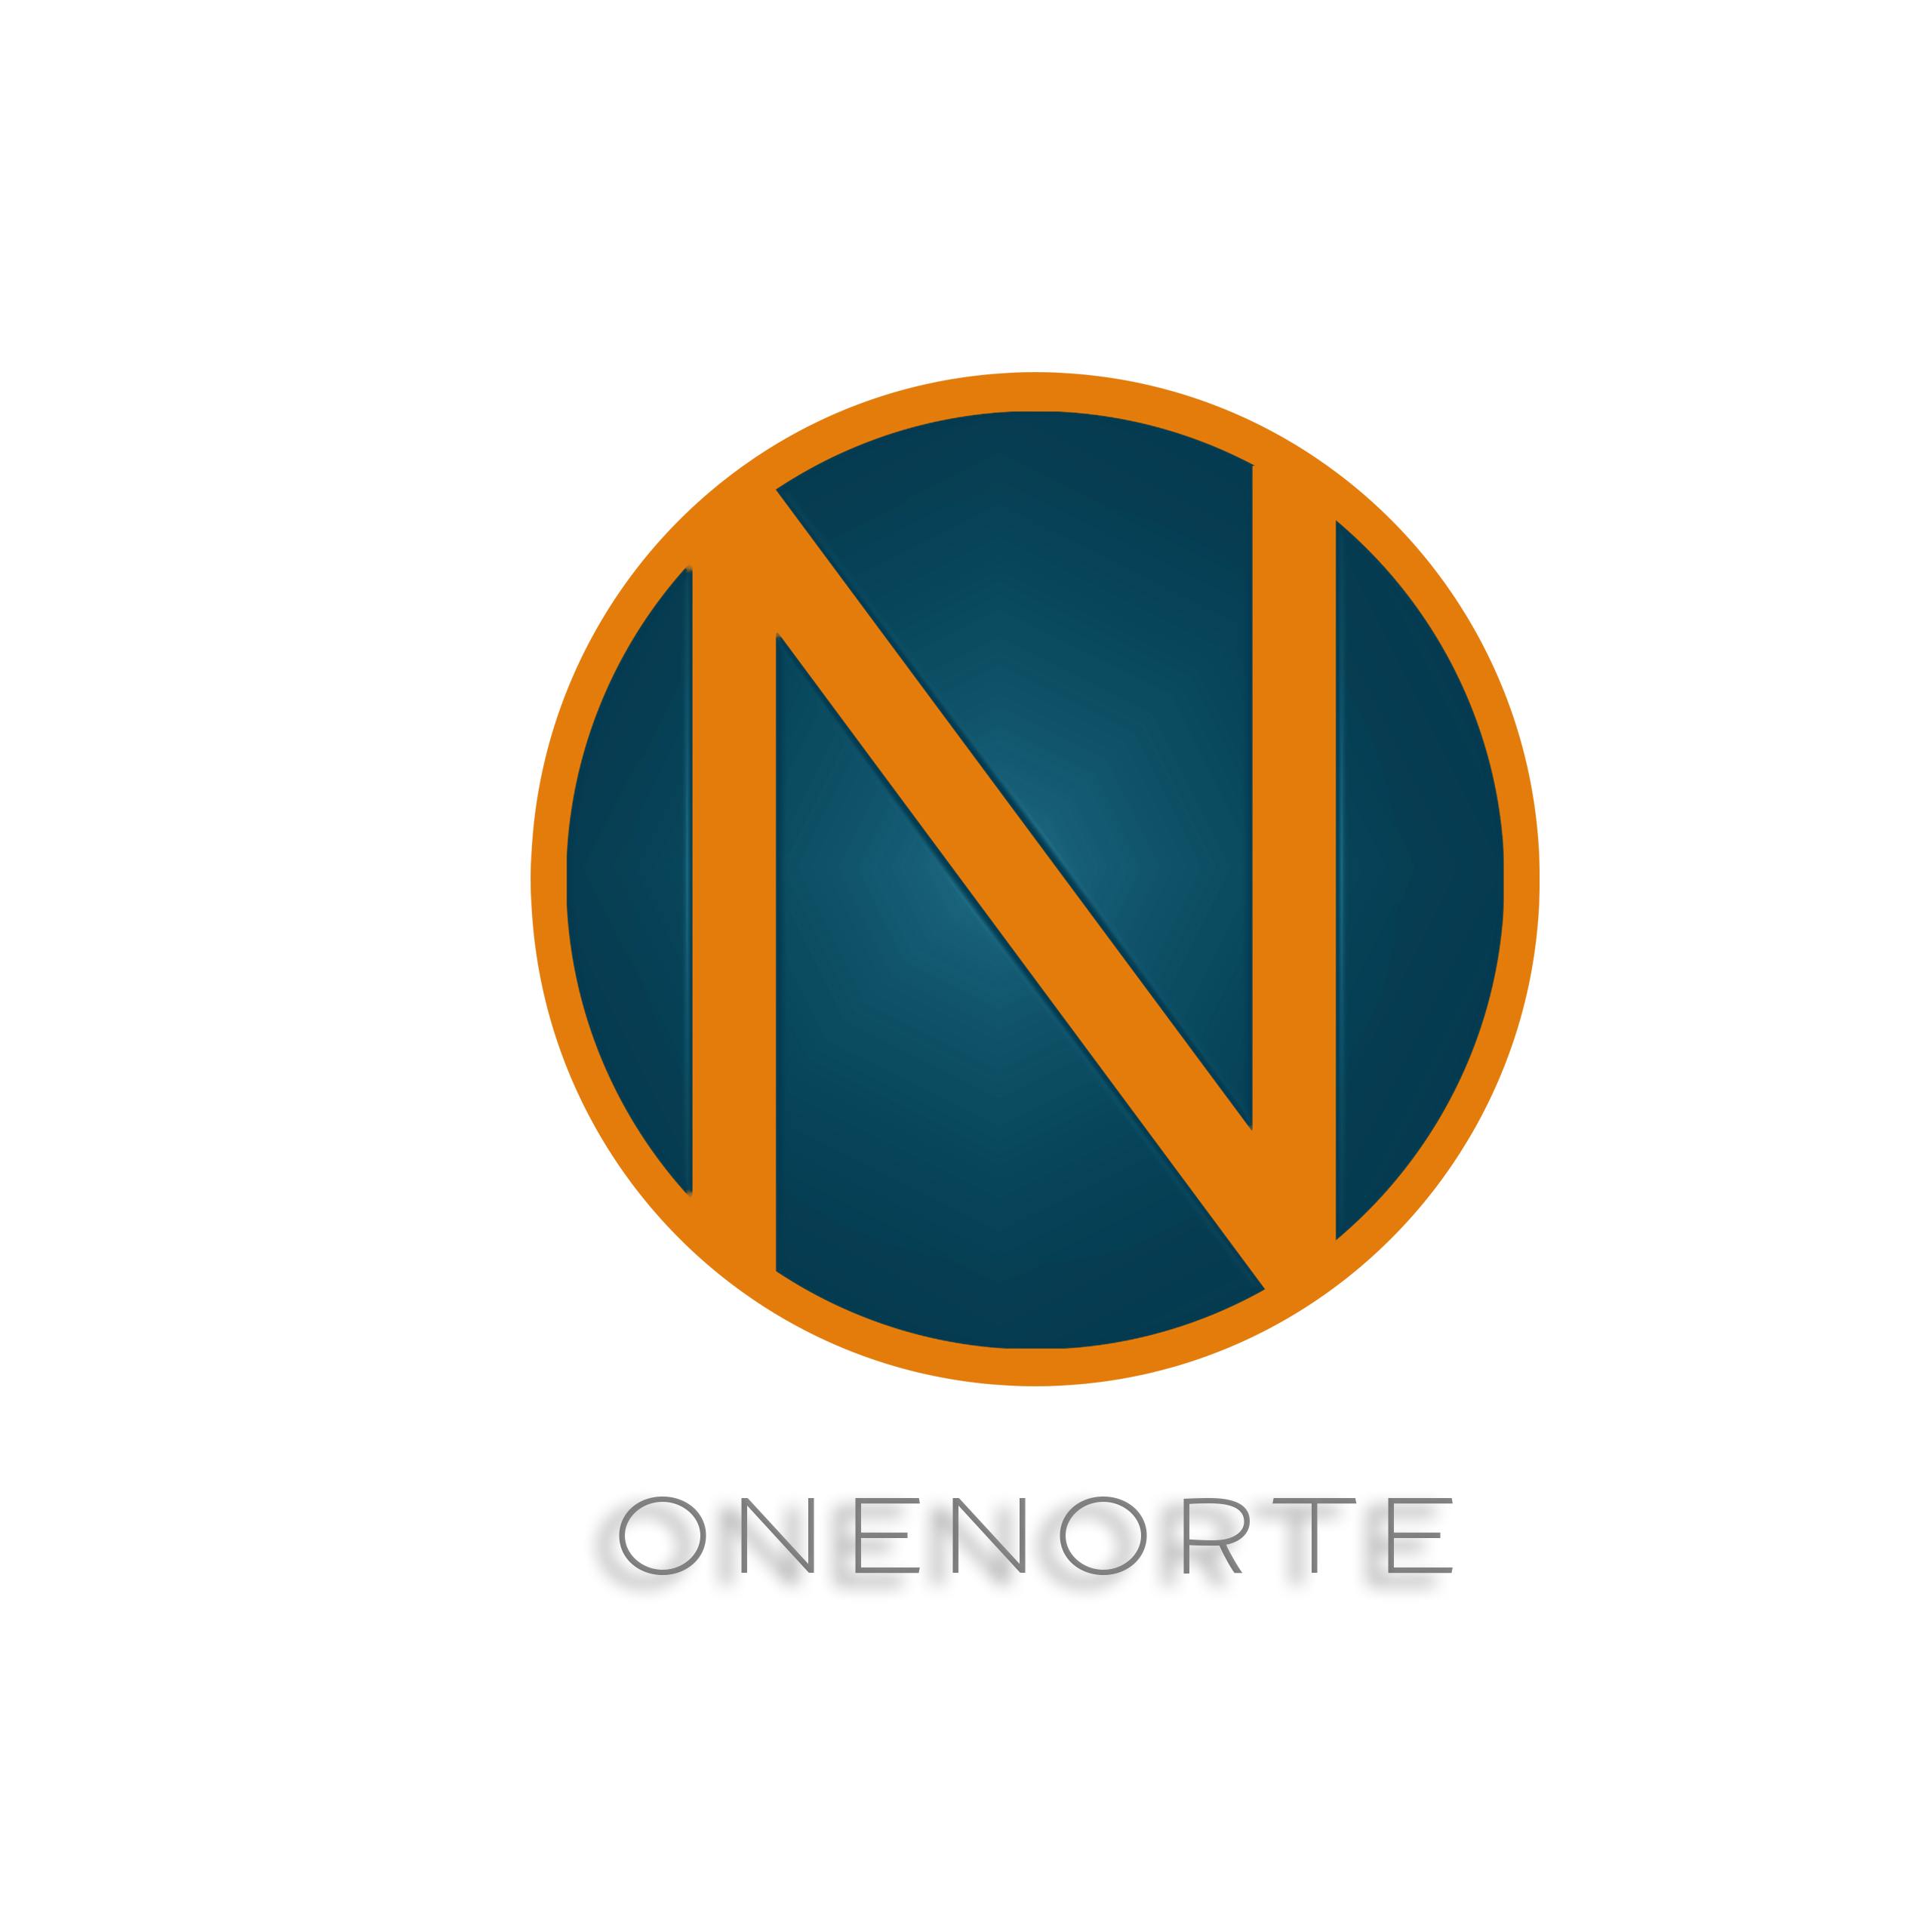 OneNorte